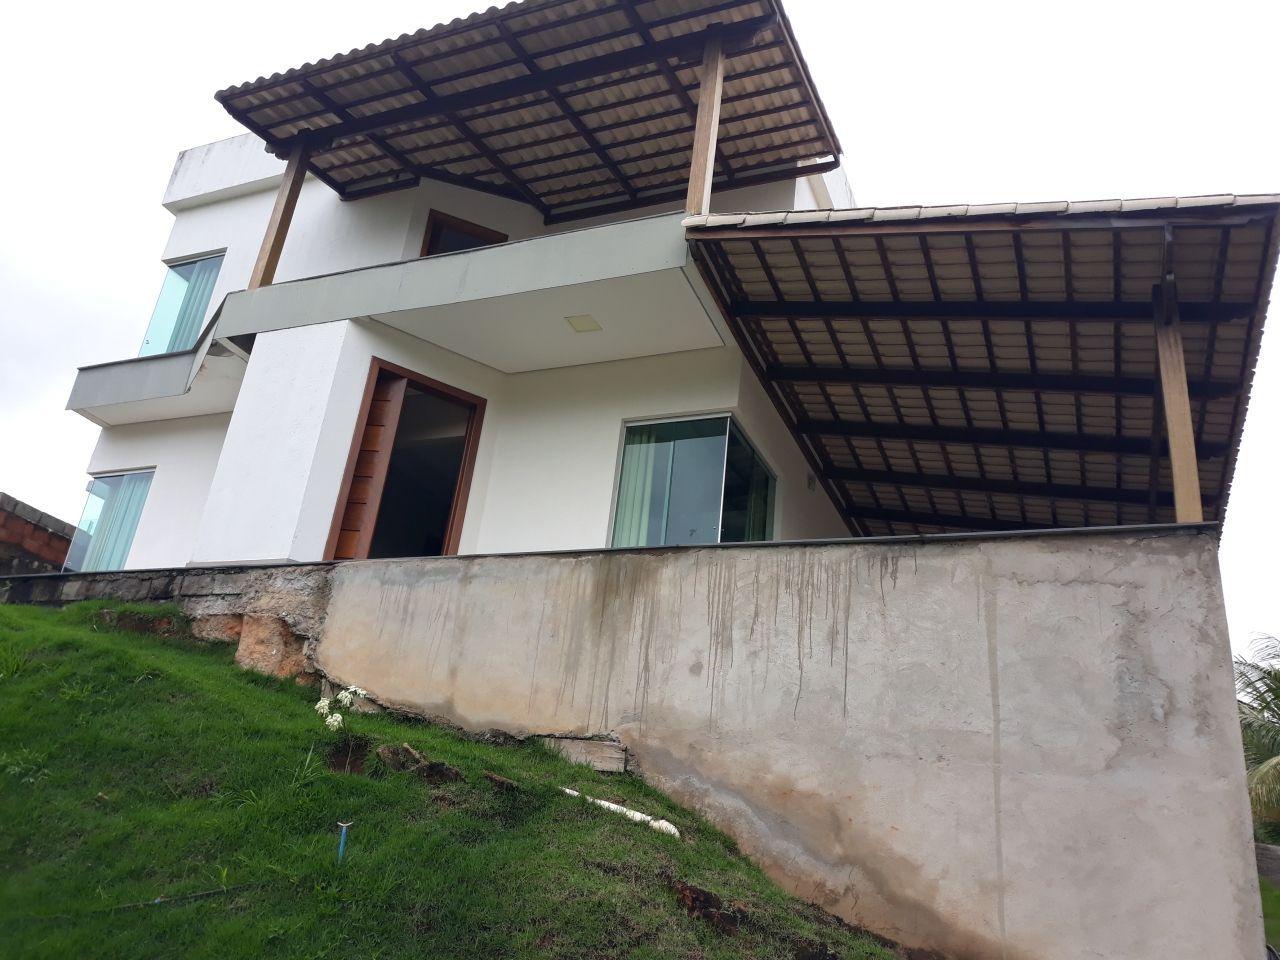 Casa em condomínio à venda  no Quintas da Jangada - 2ª Seção - Ibirité, MG. Imóveis